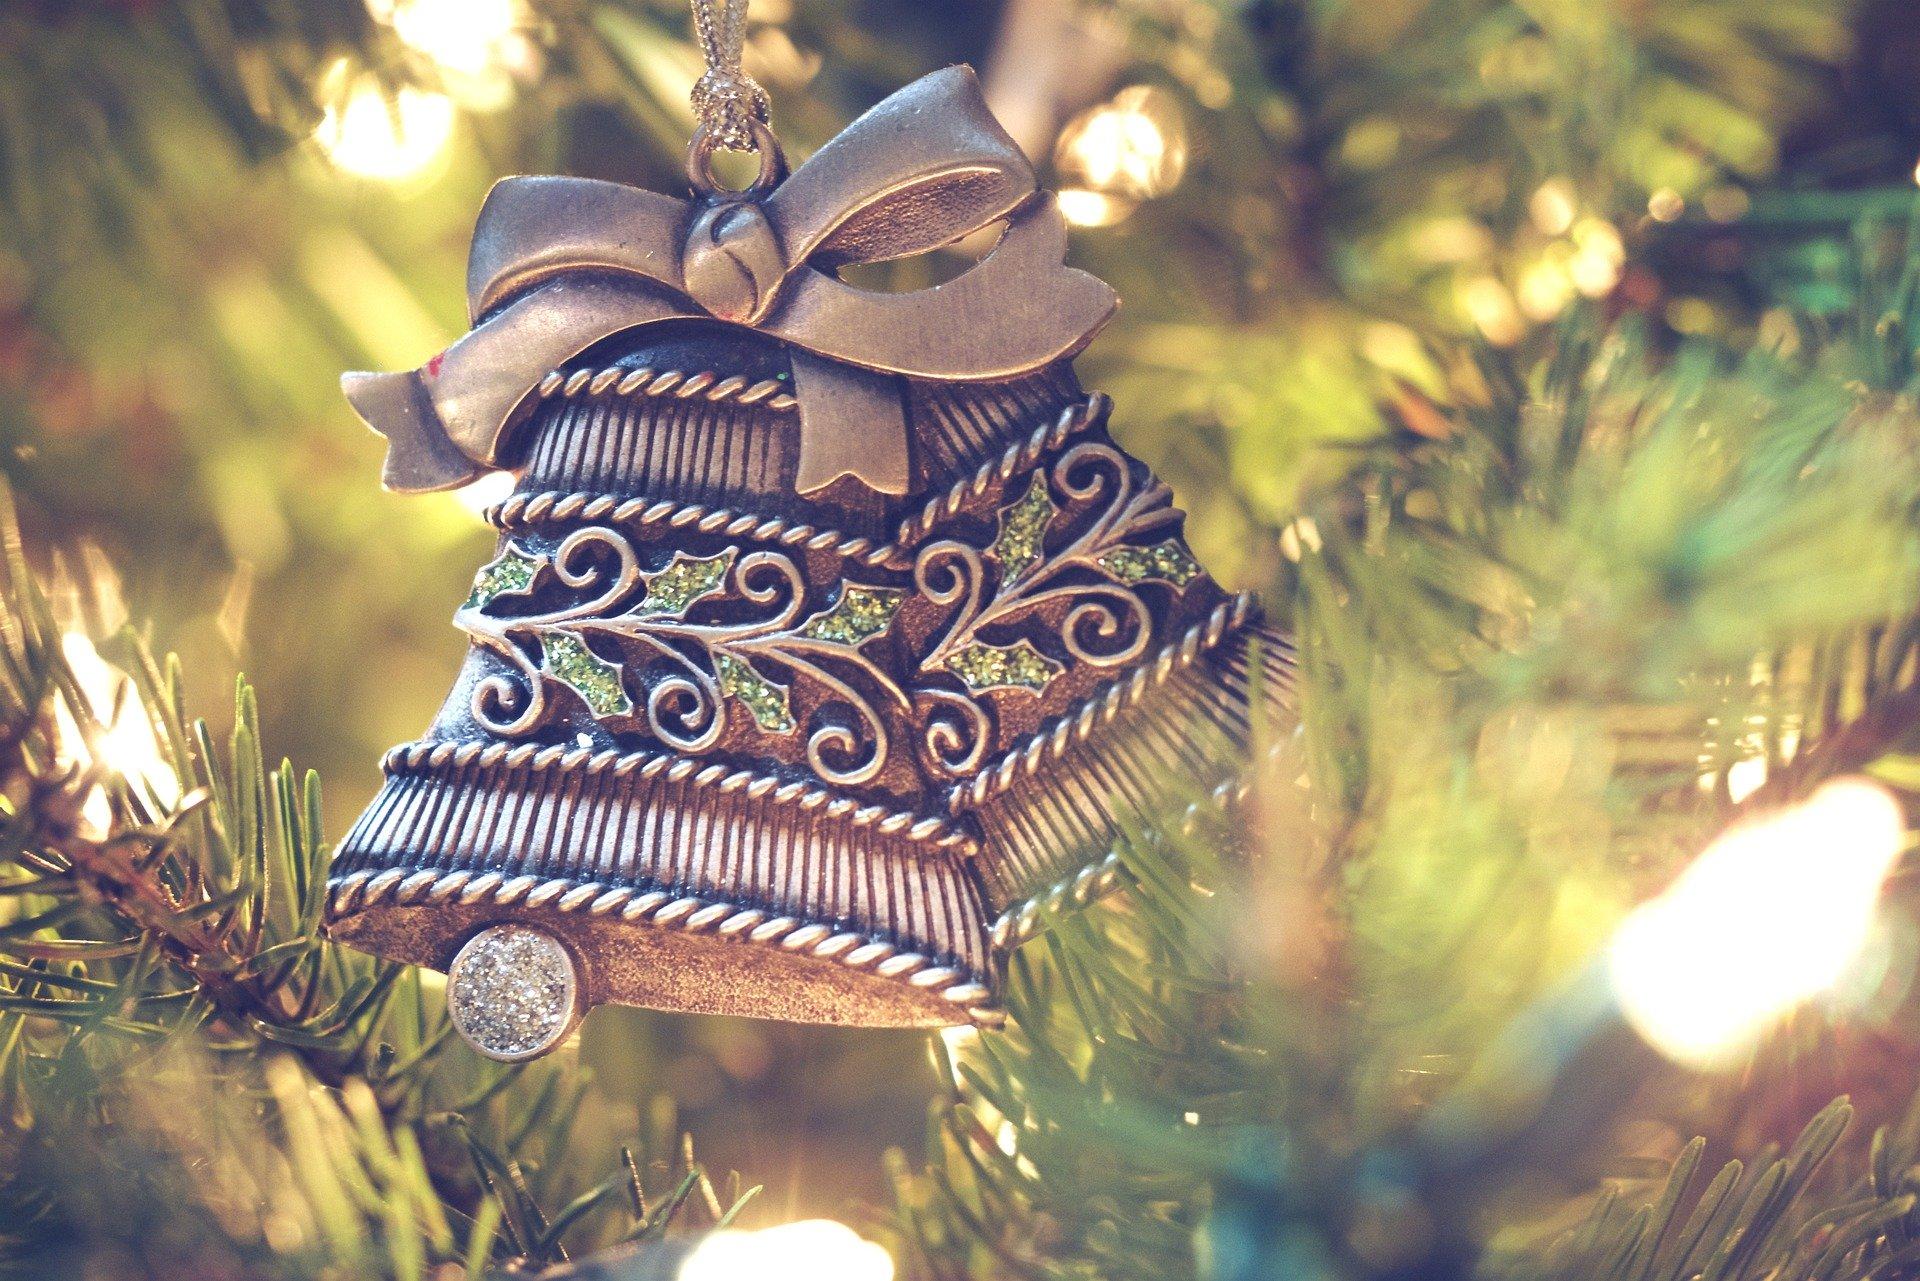 Natale-rivistadonna.com